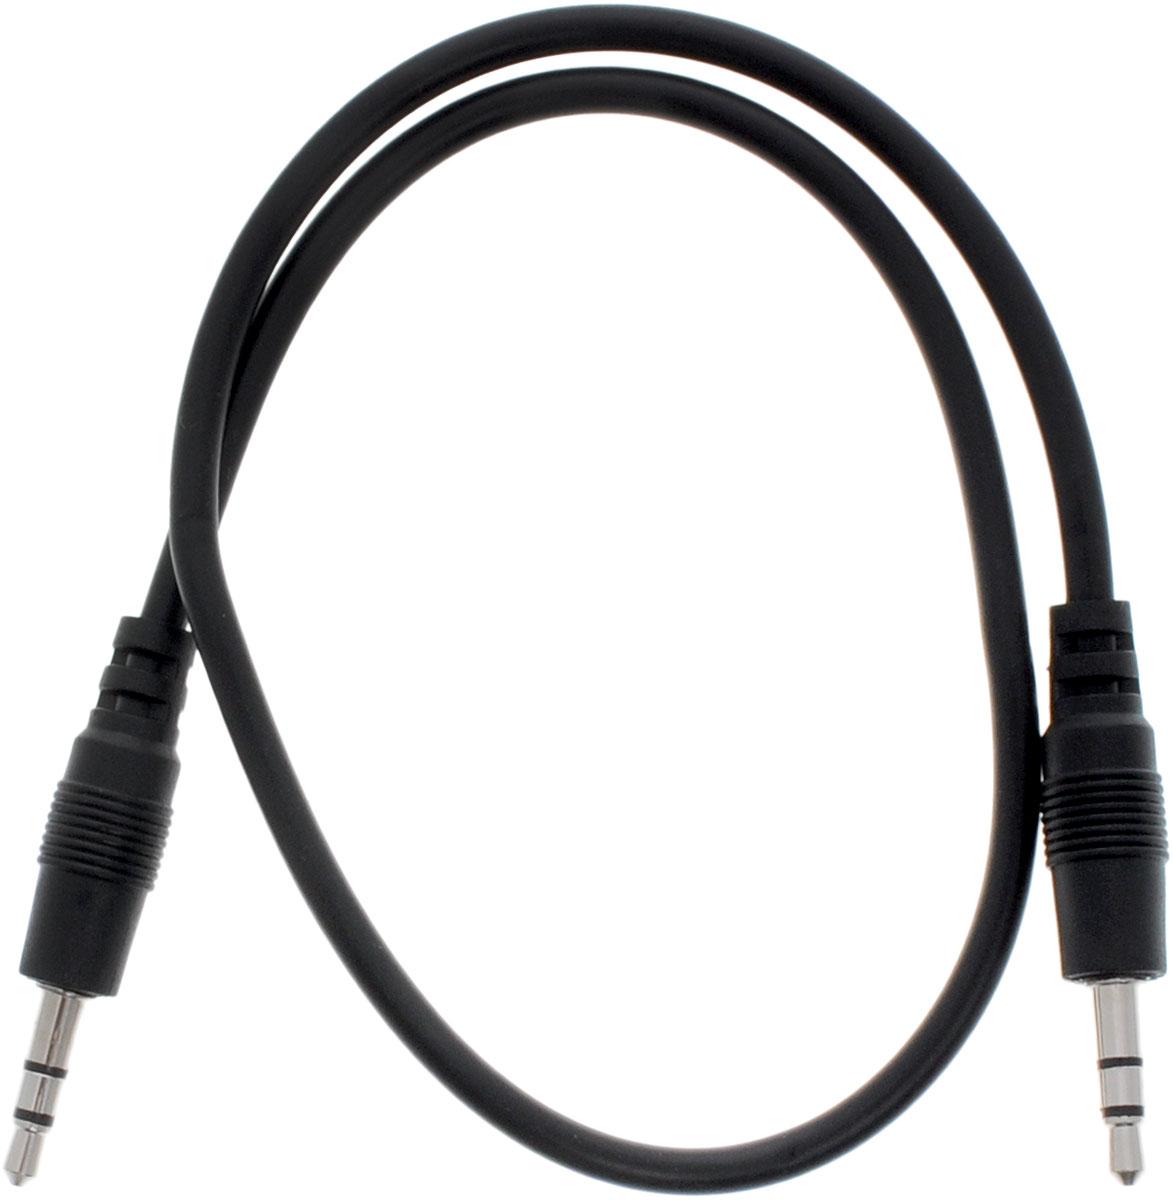 Greenconnect GC-AVC02, Black кабель AUX 0.4 мGC-AVC02-0.4mGreenconnect GC-AVC02 - аудио-кабель, который поможет вам ни на секунду не расставаться с музыкой. Он соединит ваш телефон или плеер с аудиосистемой автомобиля, с аудио разъёмом компьютера или ноутбука, с портативной колонкой.